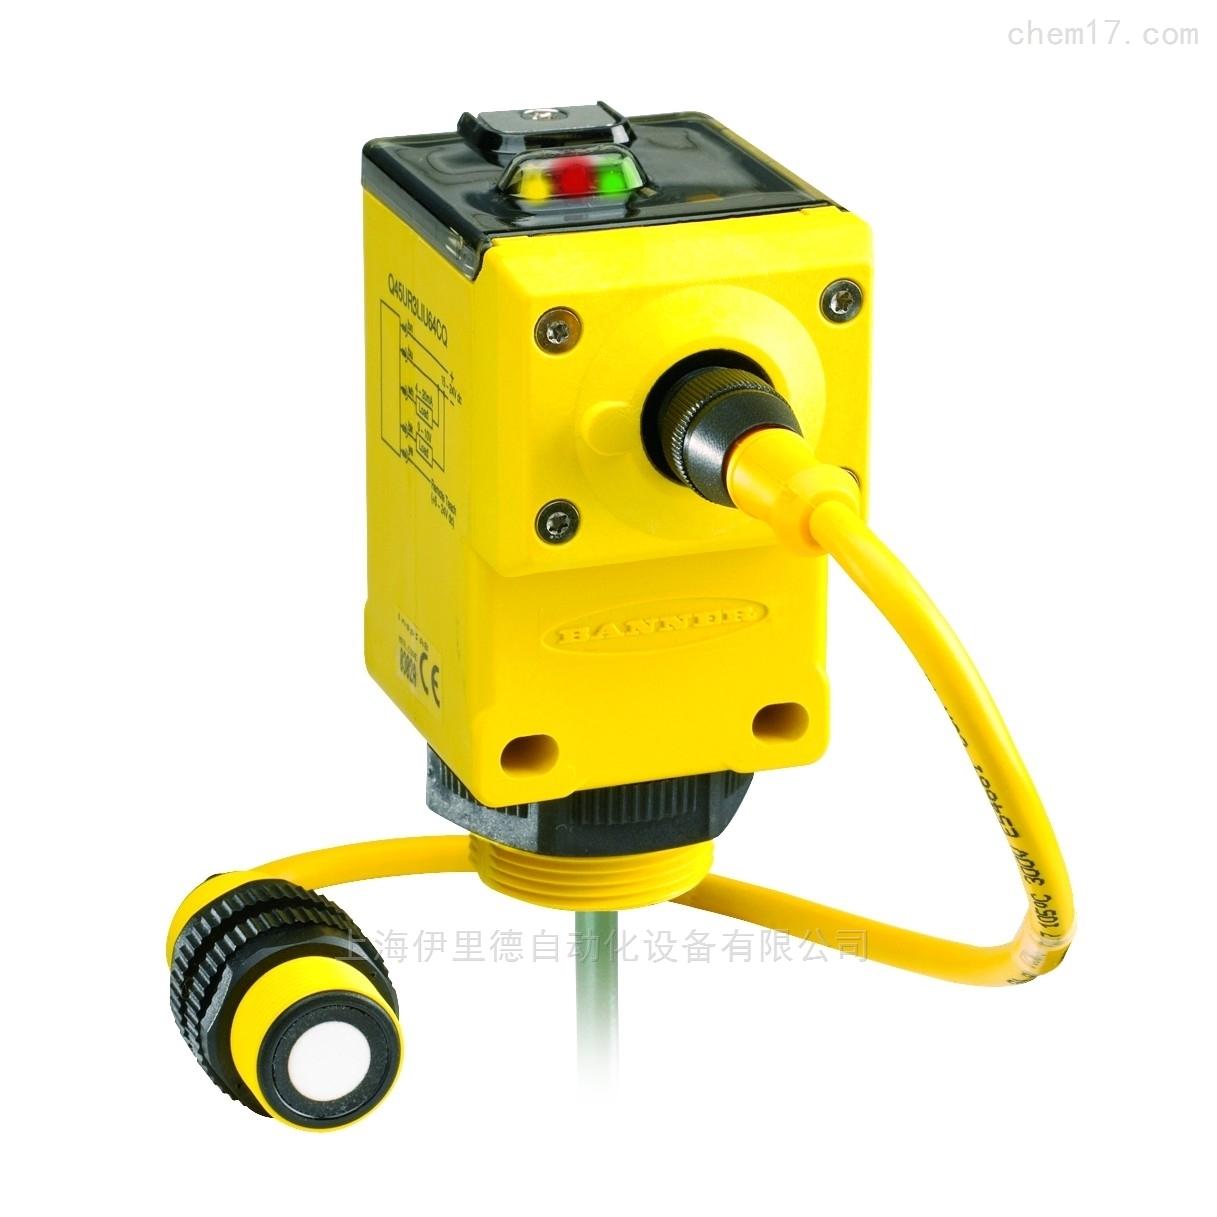 美国邦纳BANNER分离式超声波传感器